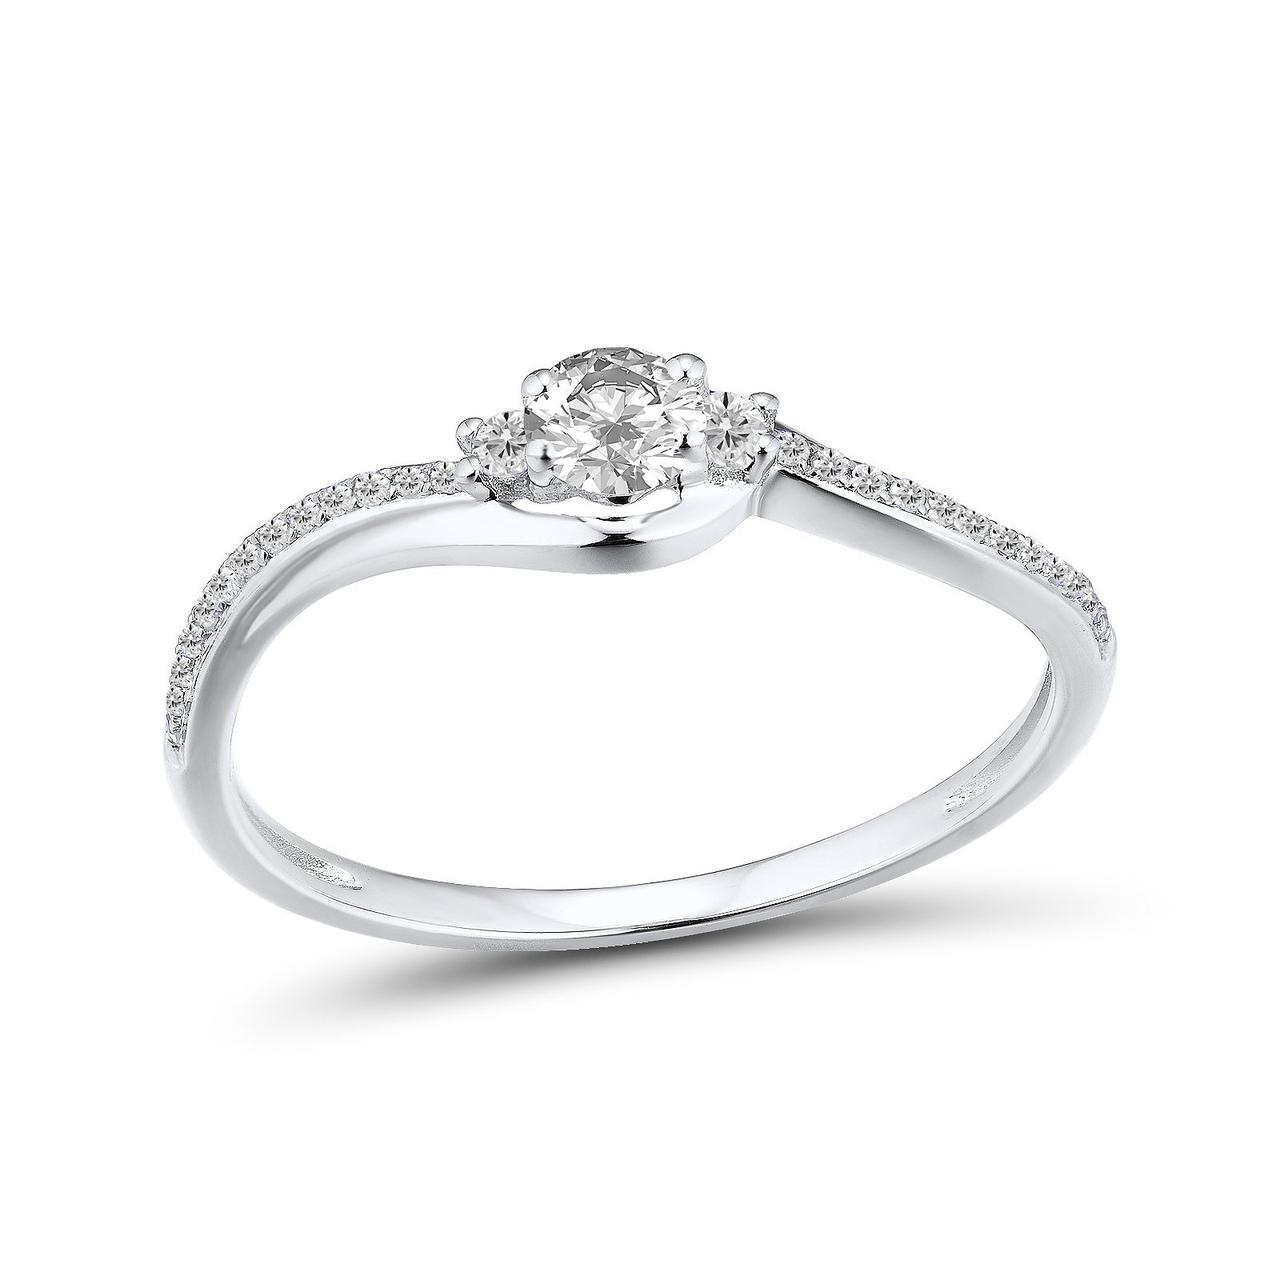 Золотое кольцо с бриллиантами, размер 16 (1681644)